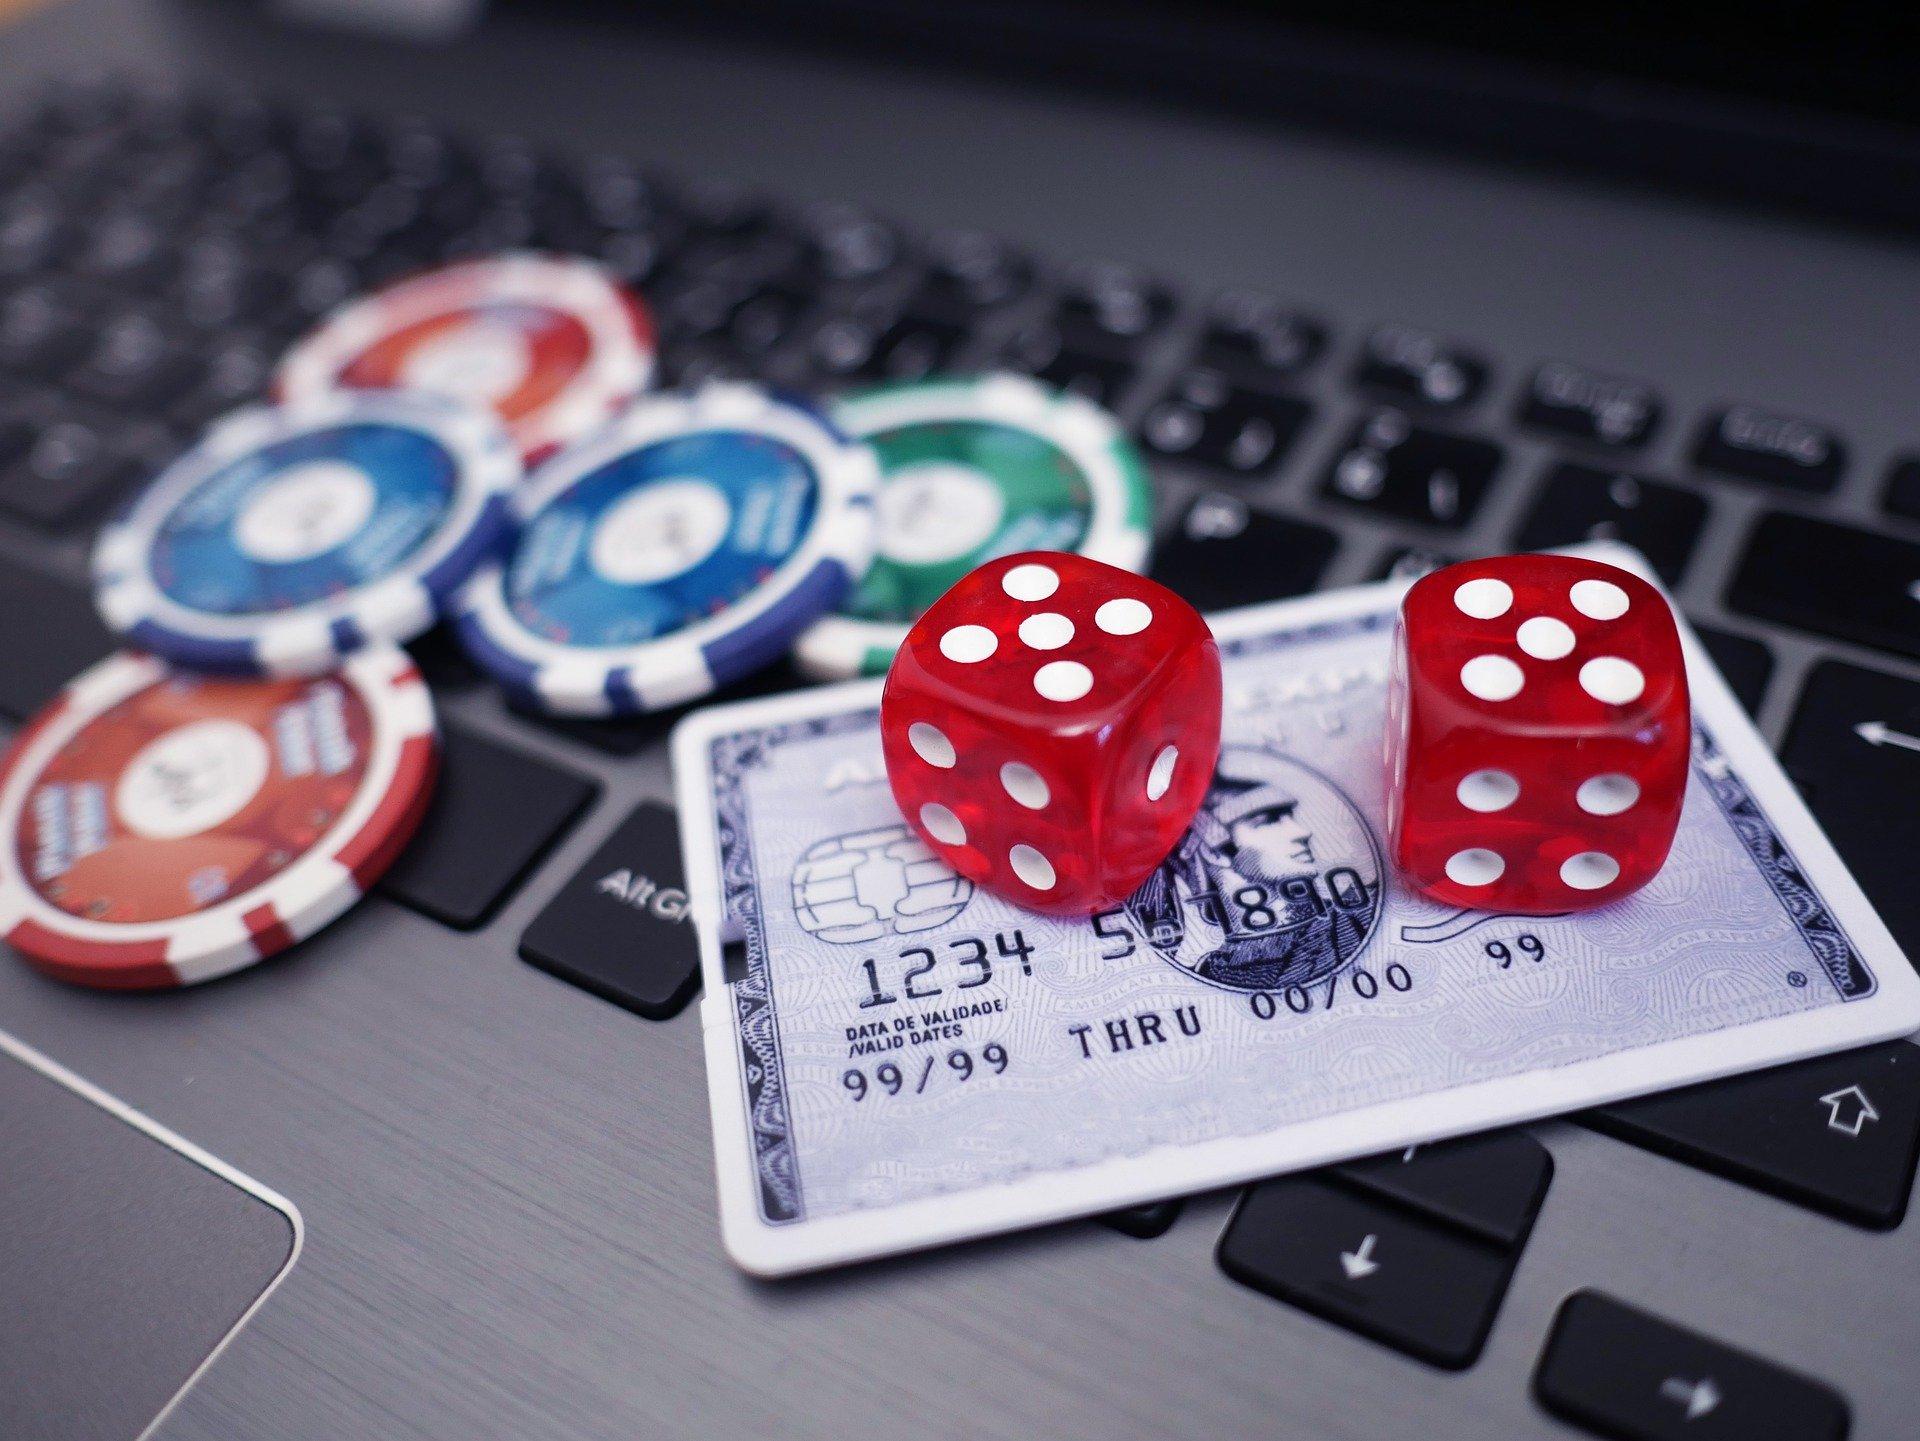 A Quel Jeu De Casino Jouer En Ligne ? - Mediacritik intérieur Jeux De Billes En Ligne